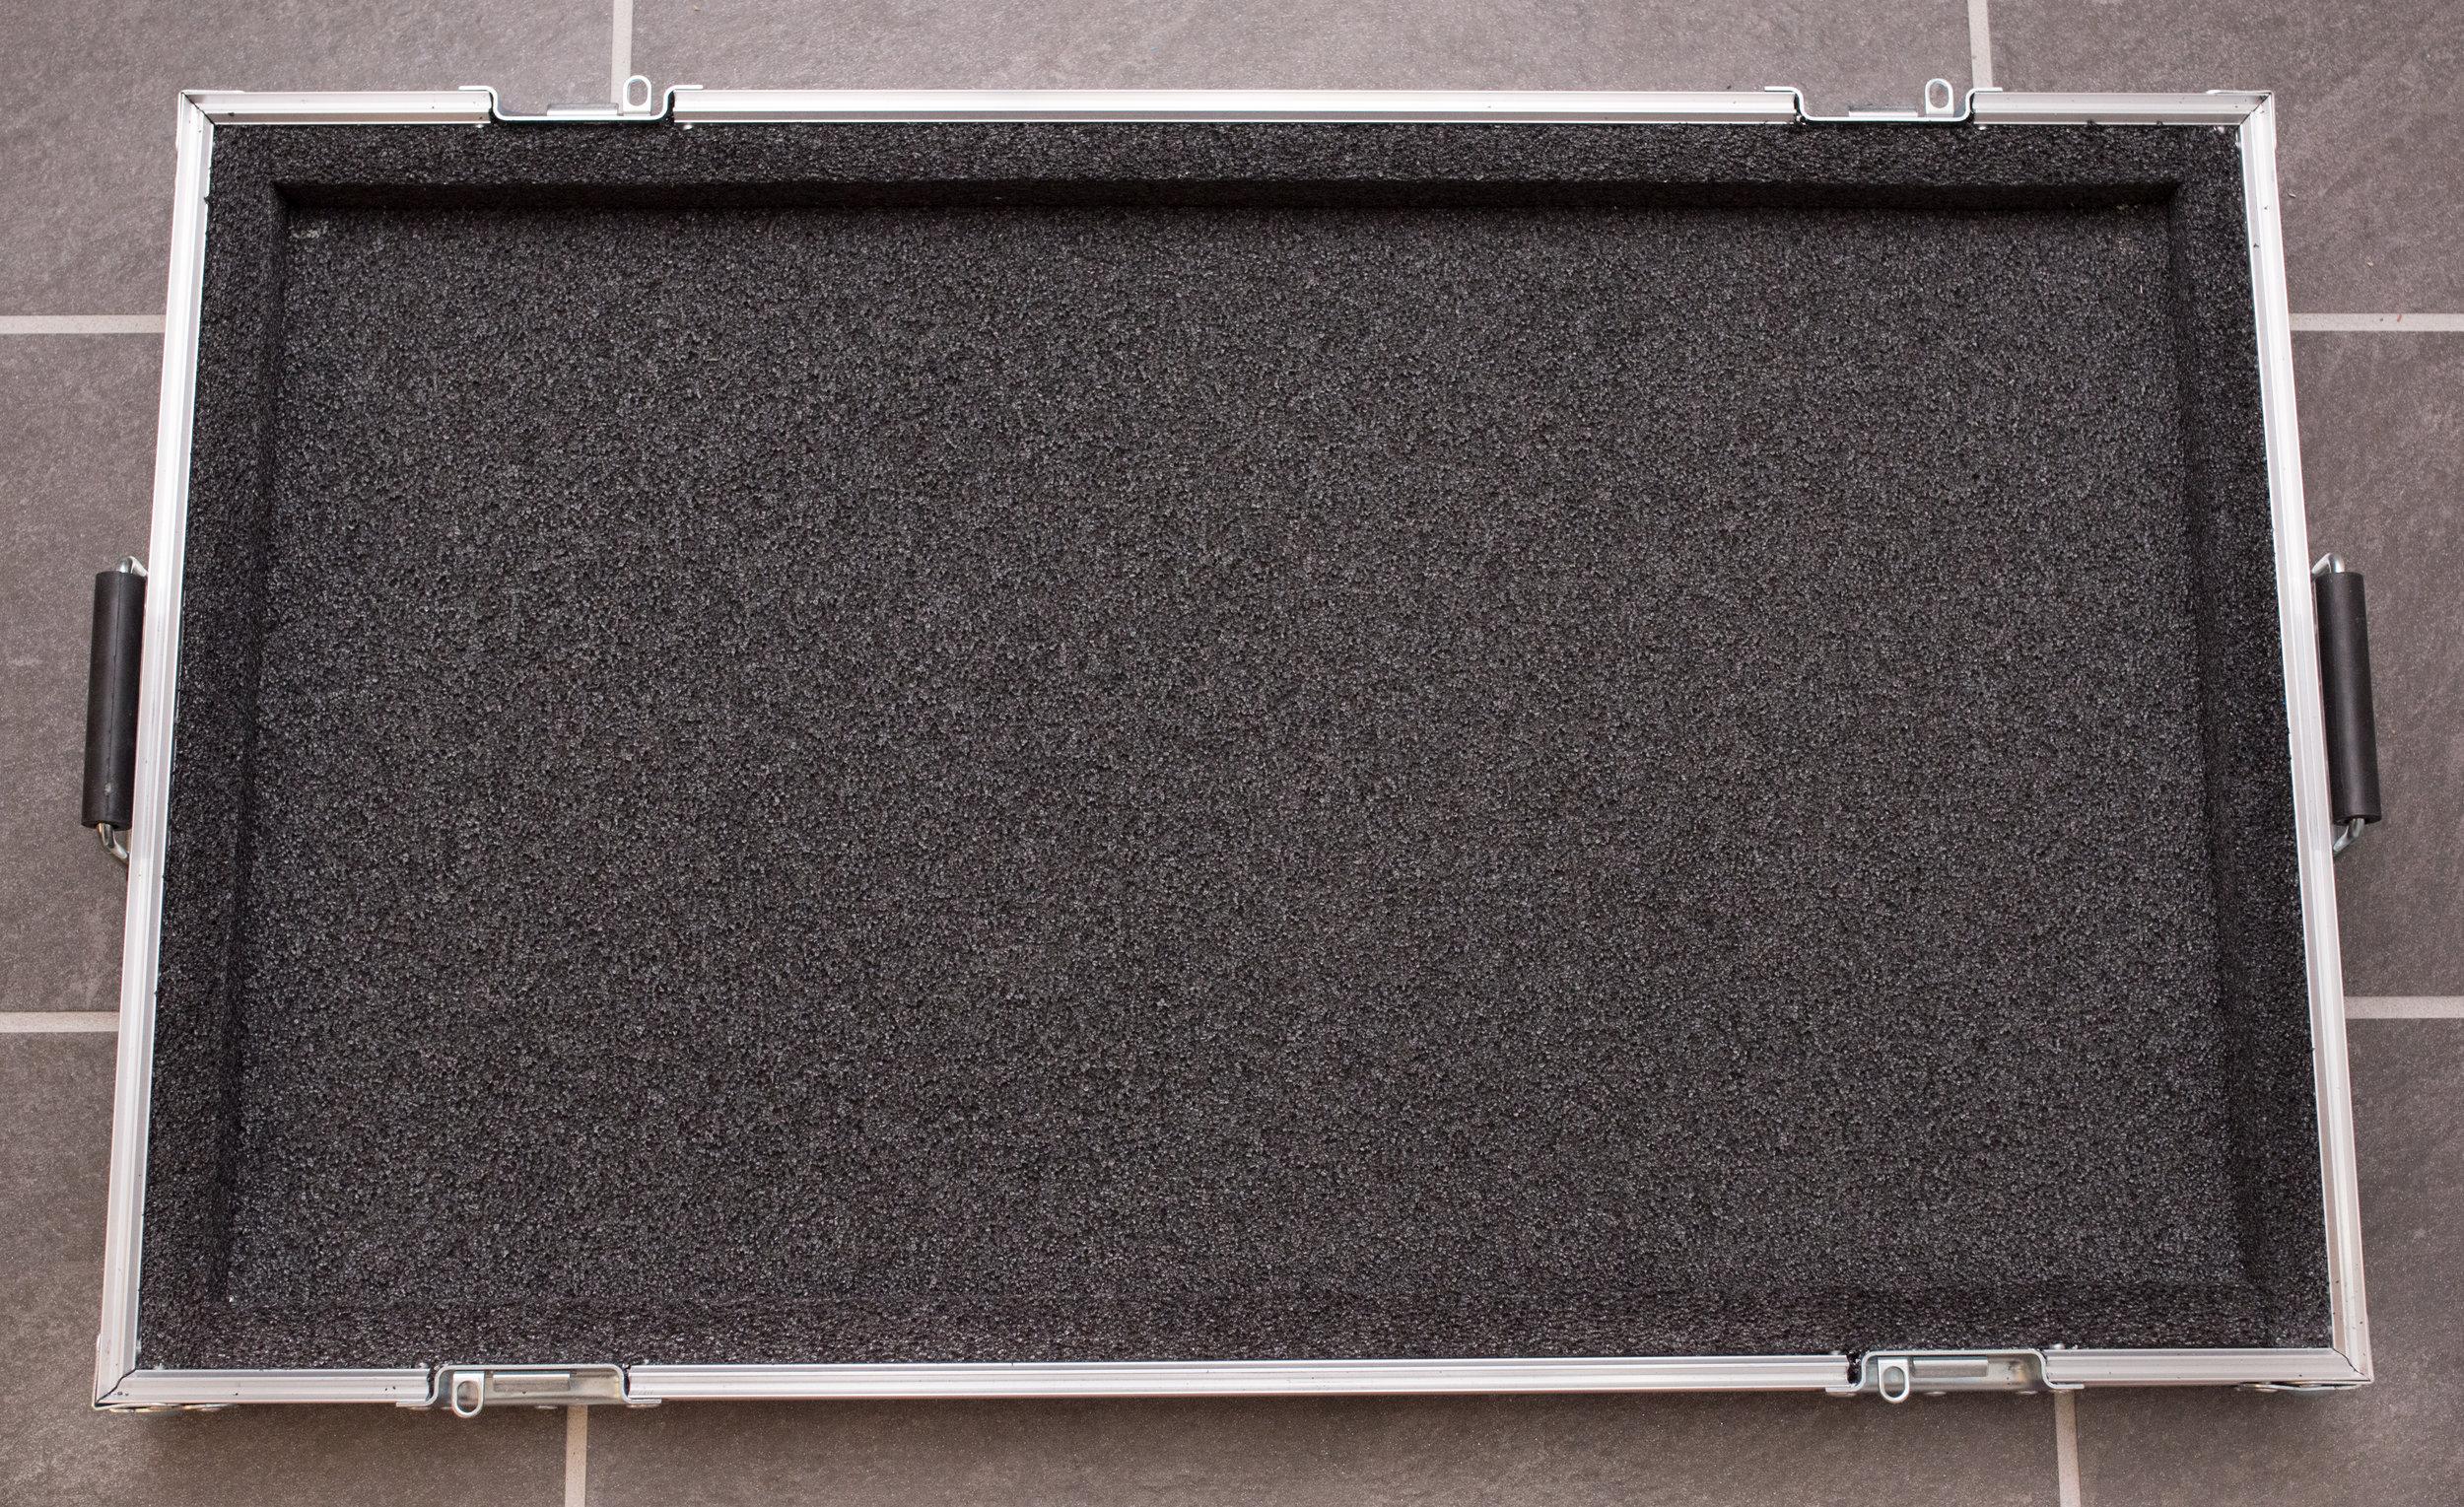 2. Board Size (my case floor)